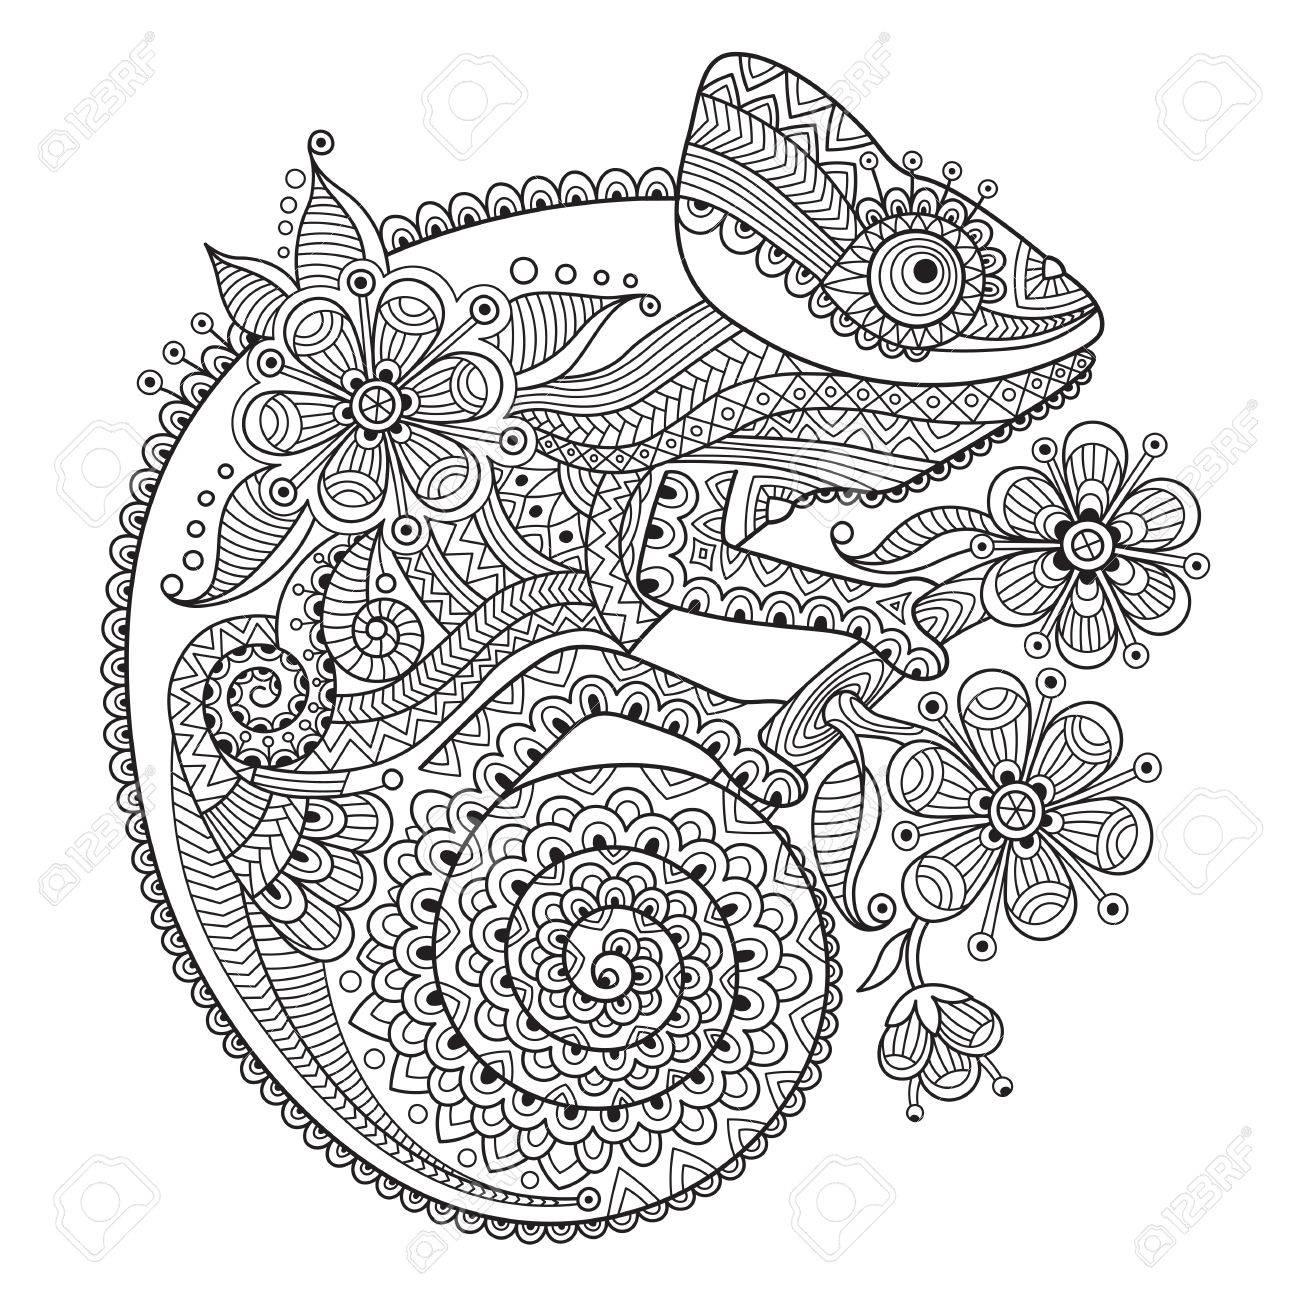 Vettoriale In Bianco E Nero Illustrazione Vettoriale Con Un Camaleonte In Modelli Etnici Puo Essere Utilizzato Come Colorante Antistress Per Adulti E Bambini Image 66068413